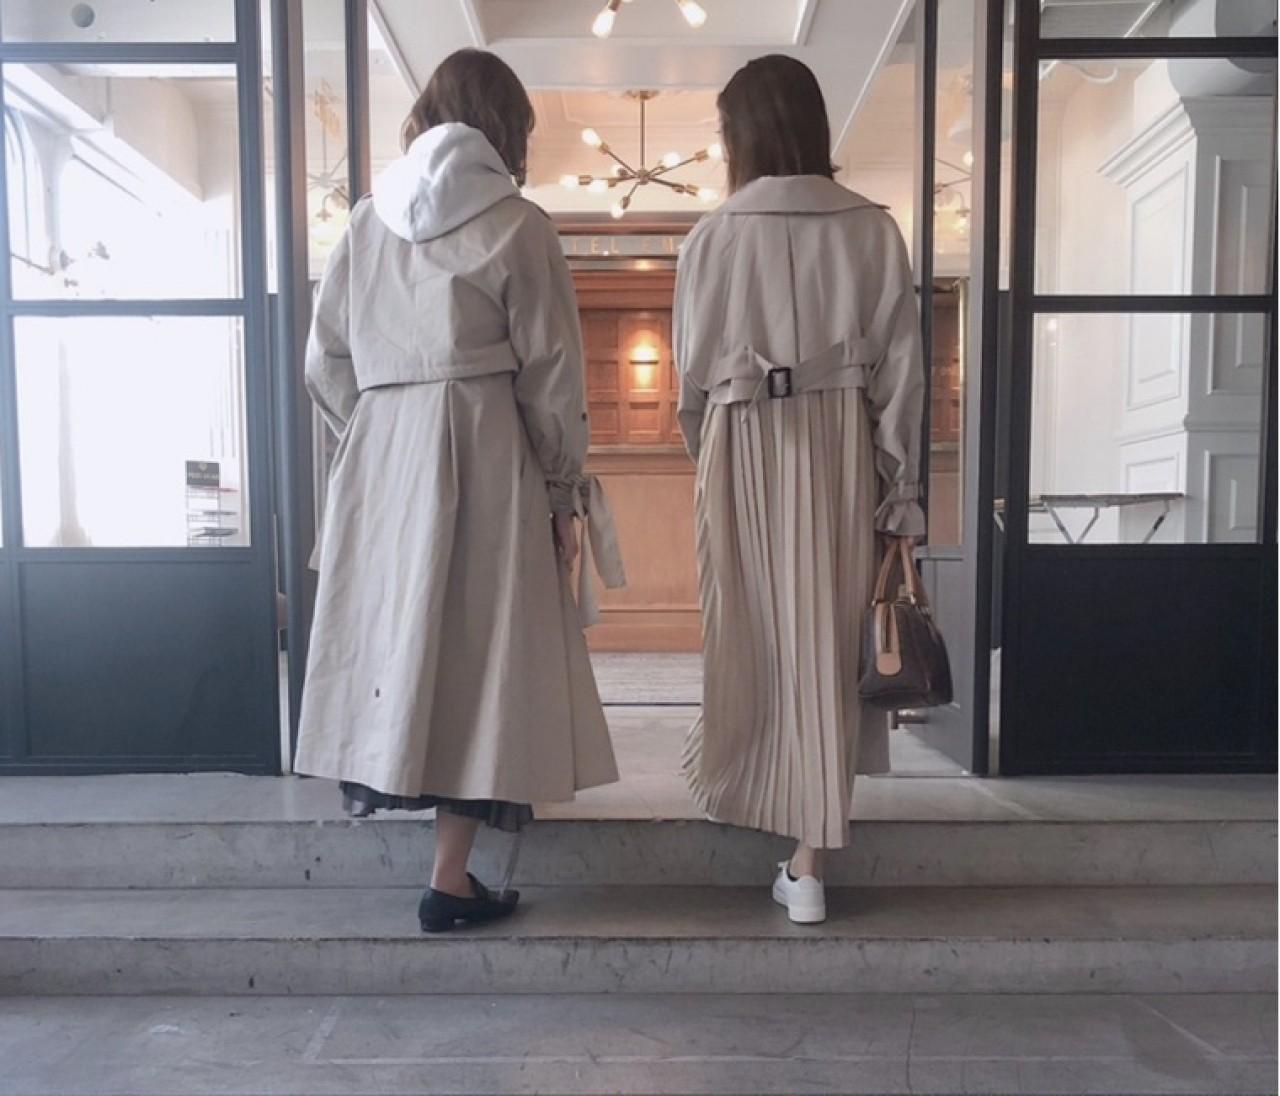 #hotel emanonで検索☑︎インスタ映えする空間で女子会ランチ!